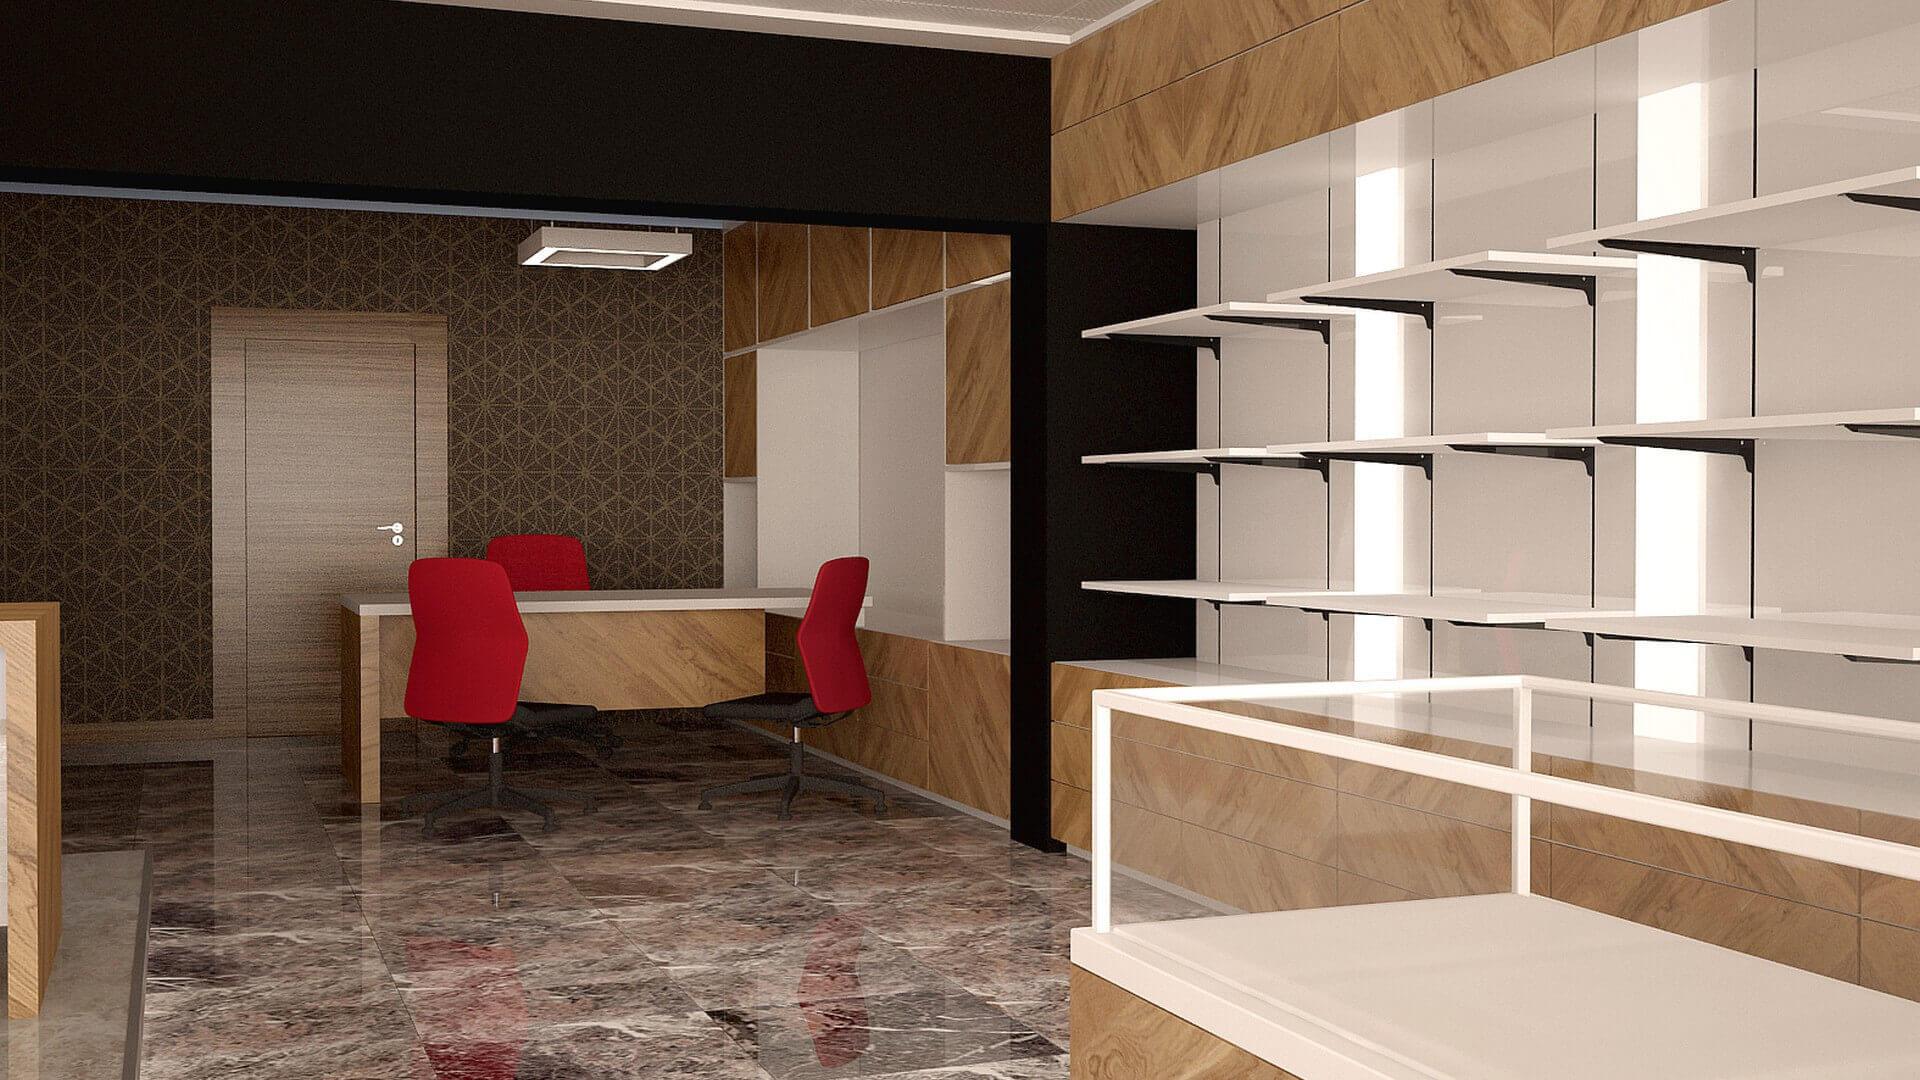 ATB İş Merkezi 2027 Ilkay Medical Shop Retail